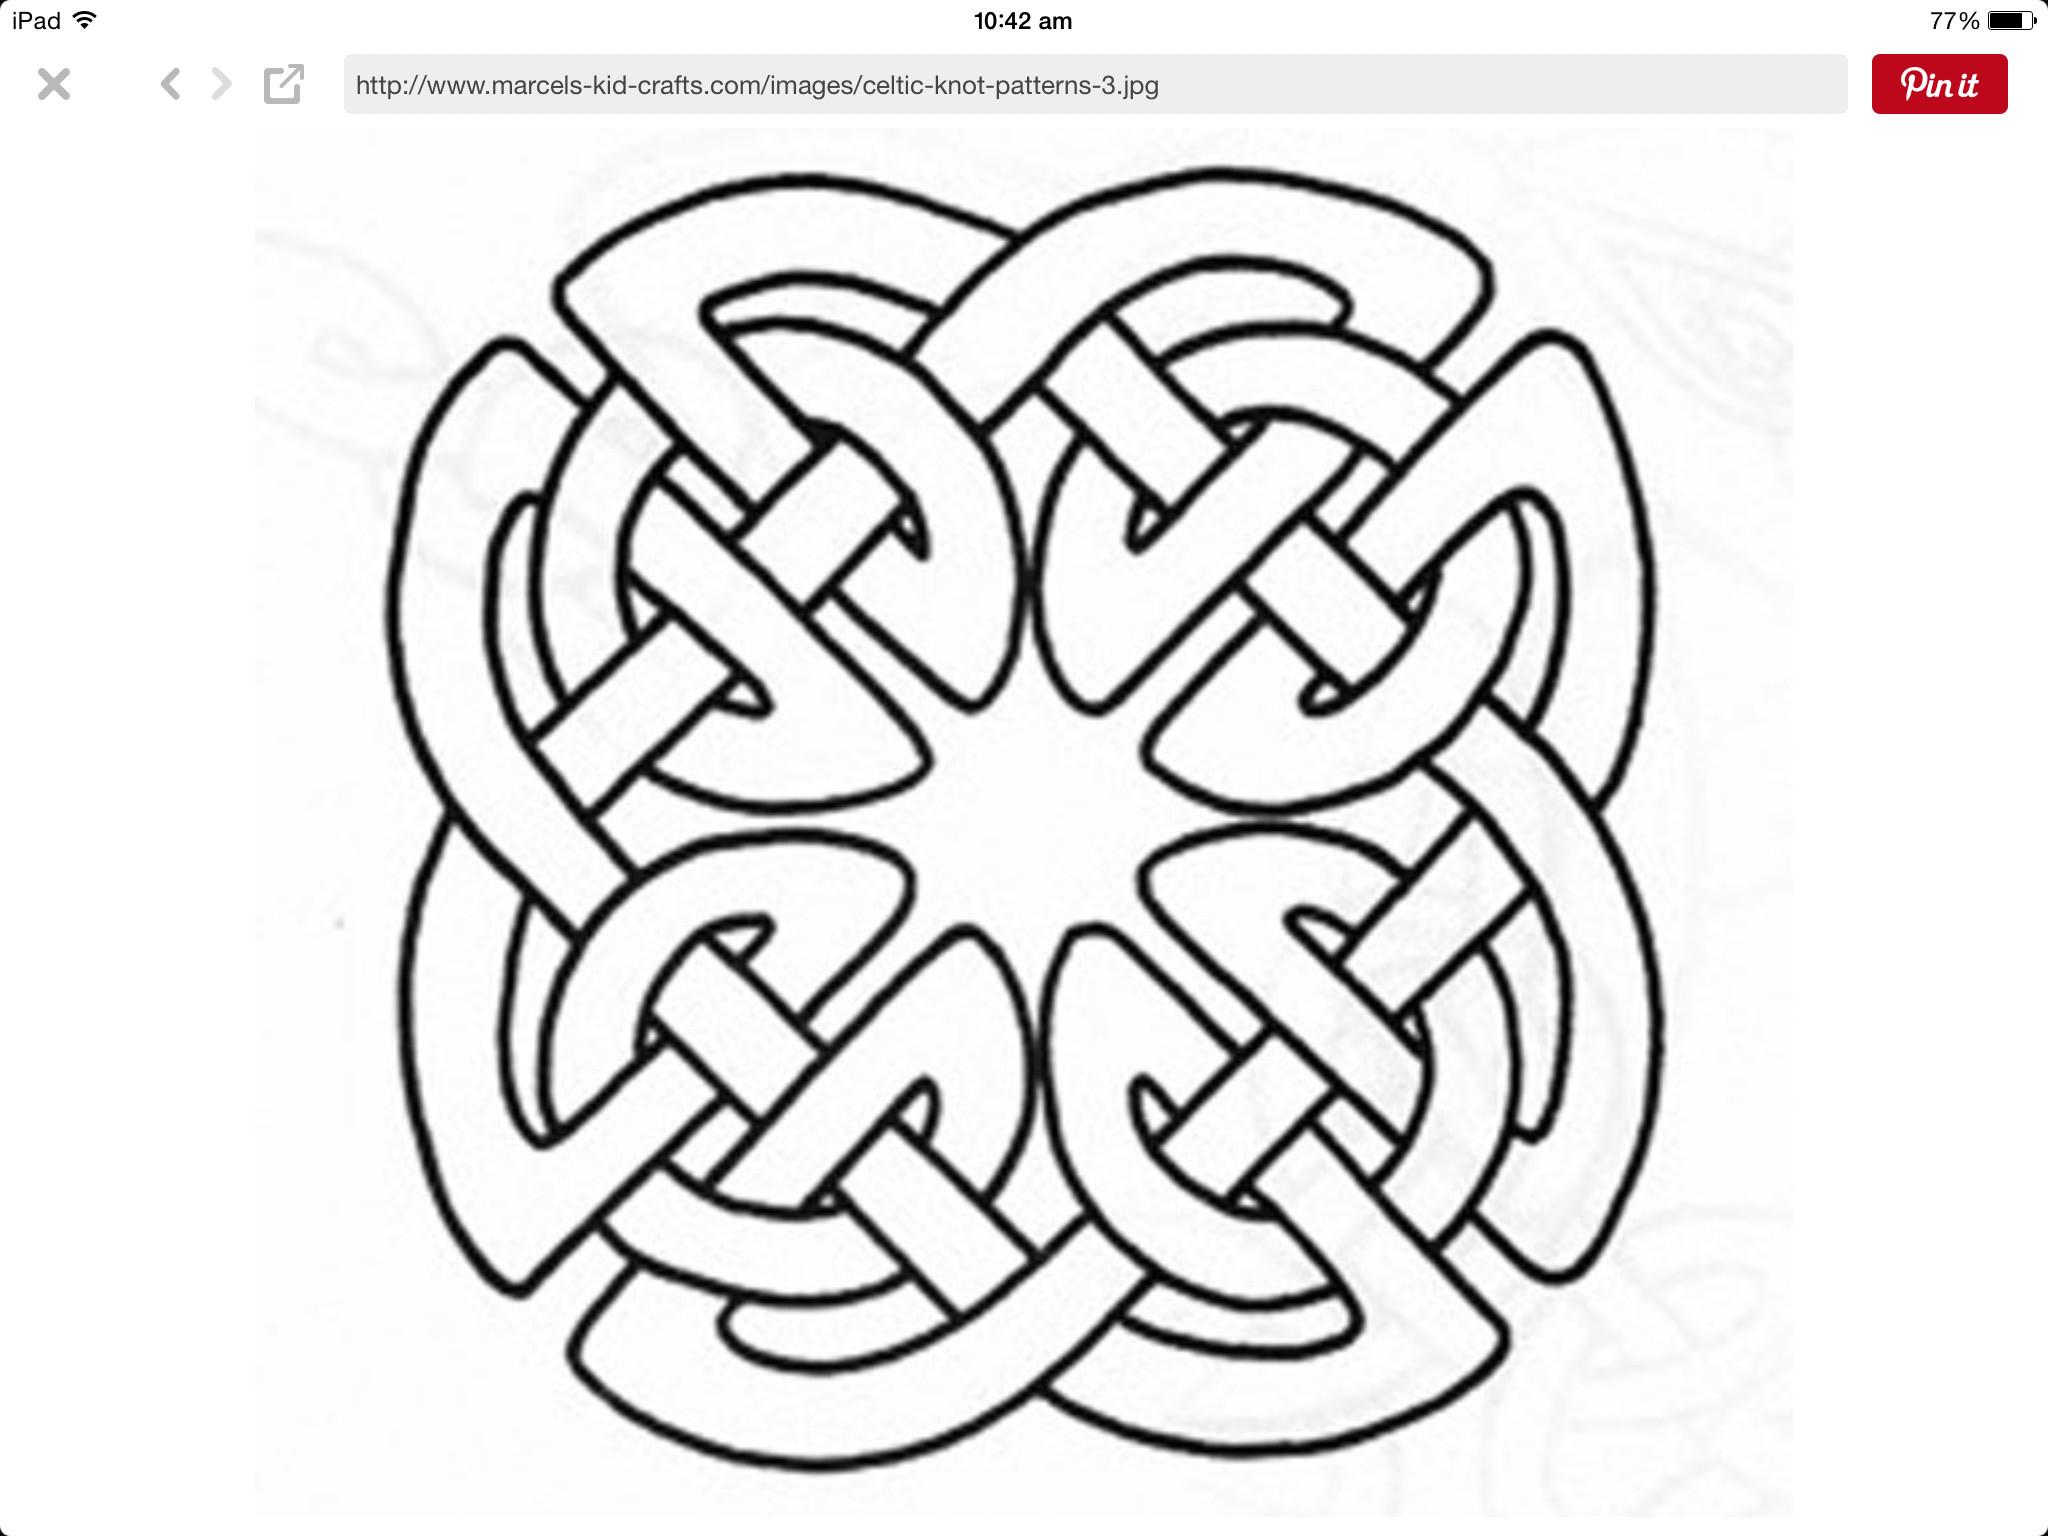 Res: 2048x1536, Mittelalter, Keltische Knoten, Muster, Punzieren, Kelten, Schnitzen, Leder,  Zeichnen, Holzschnitzerei